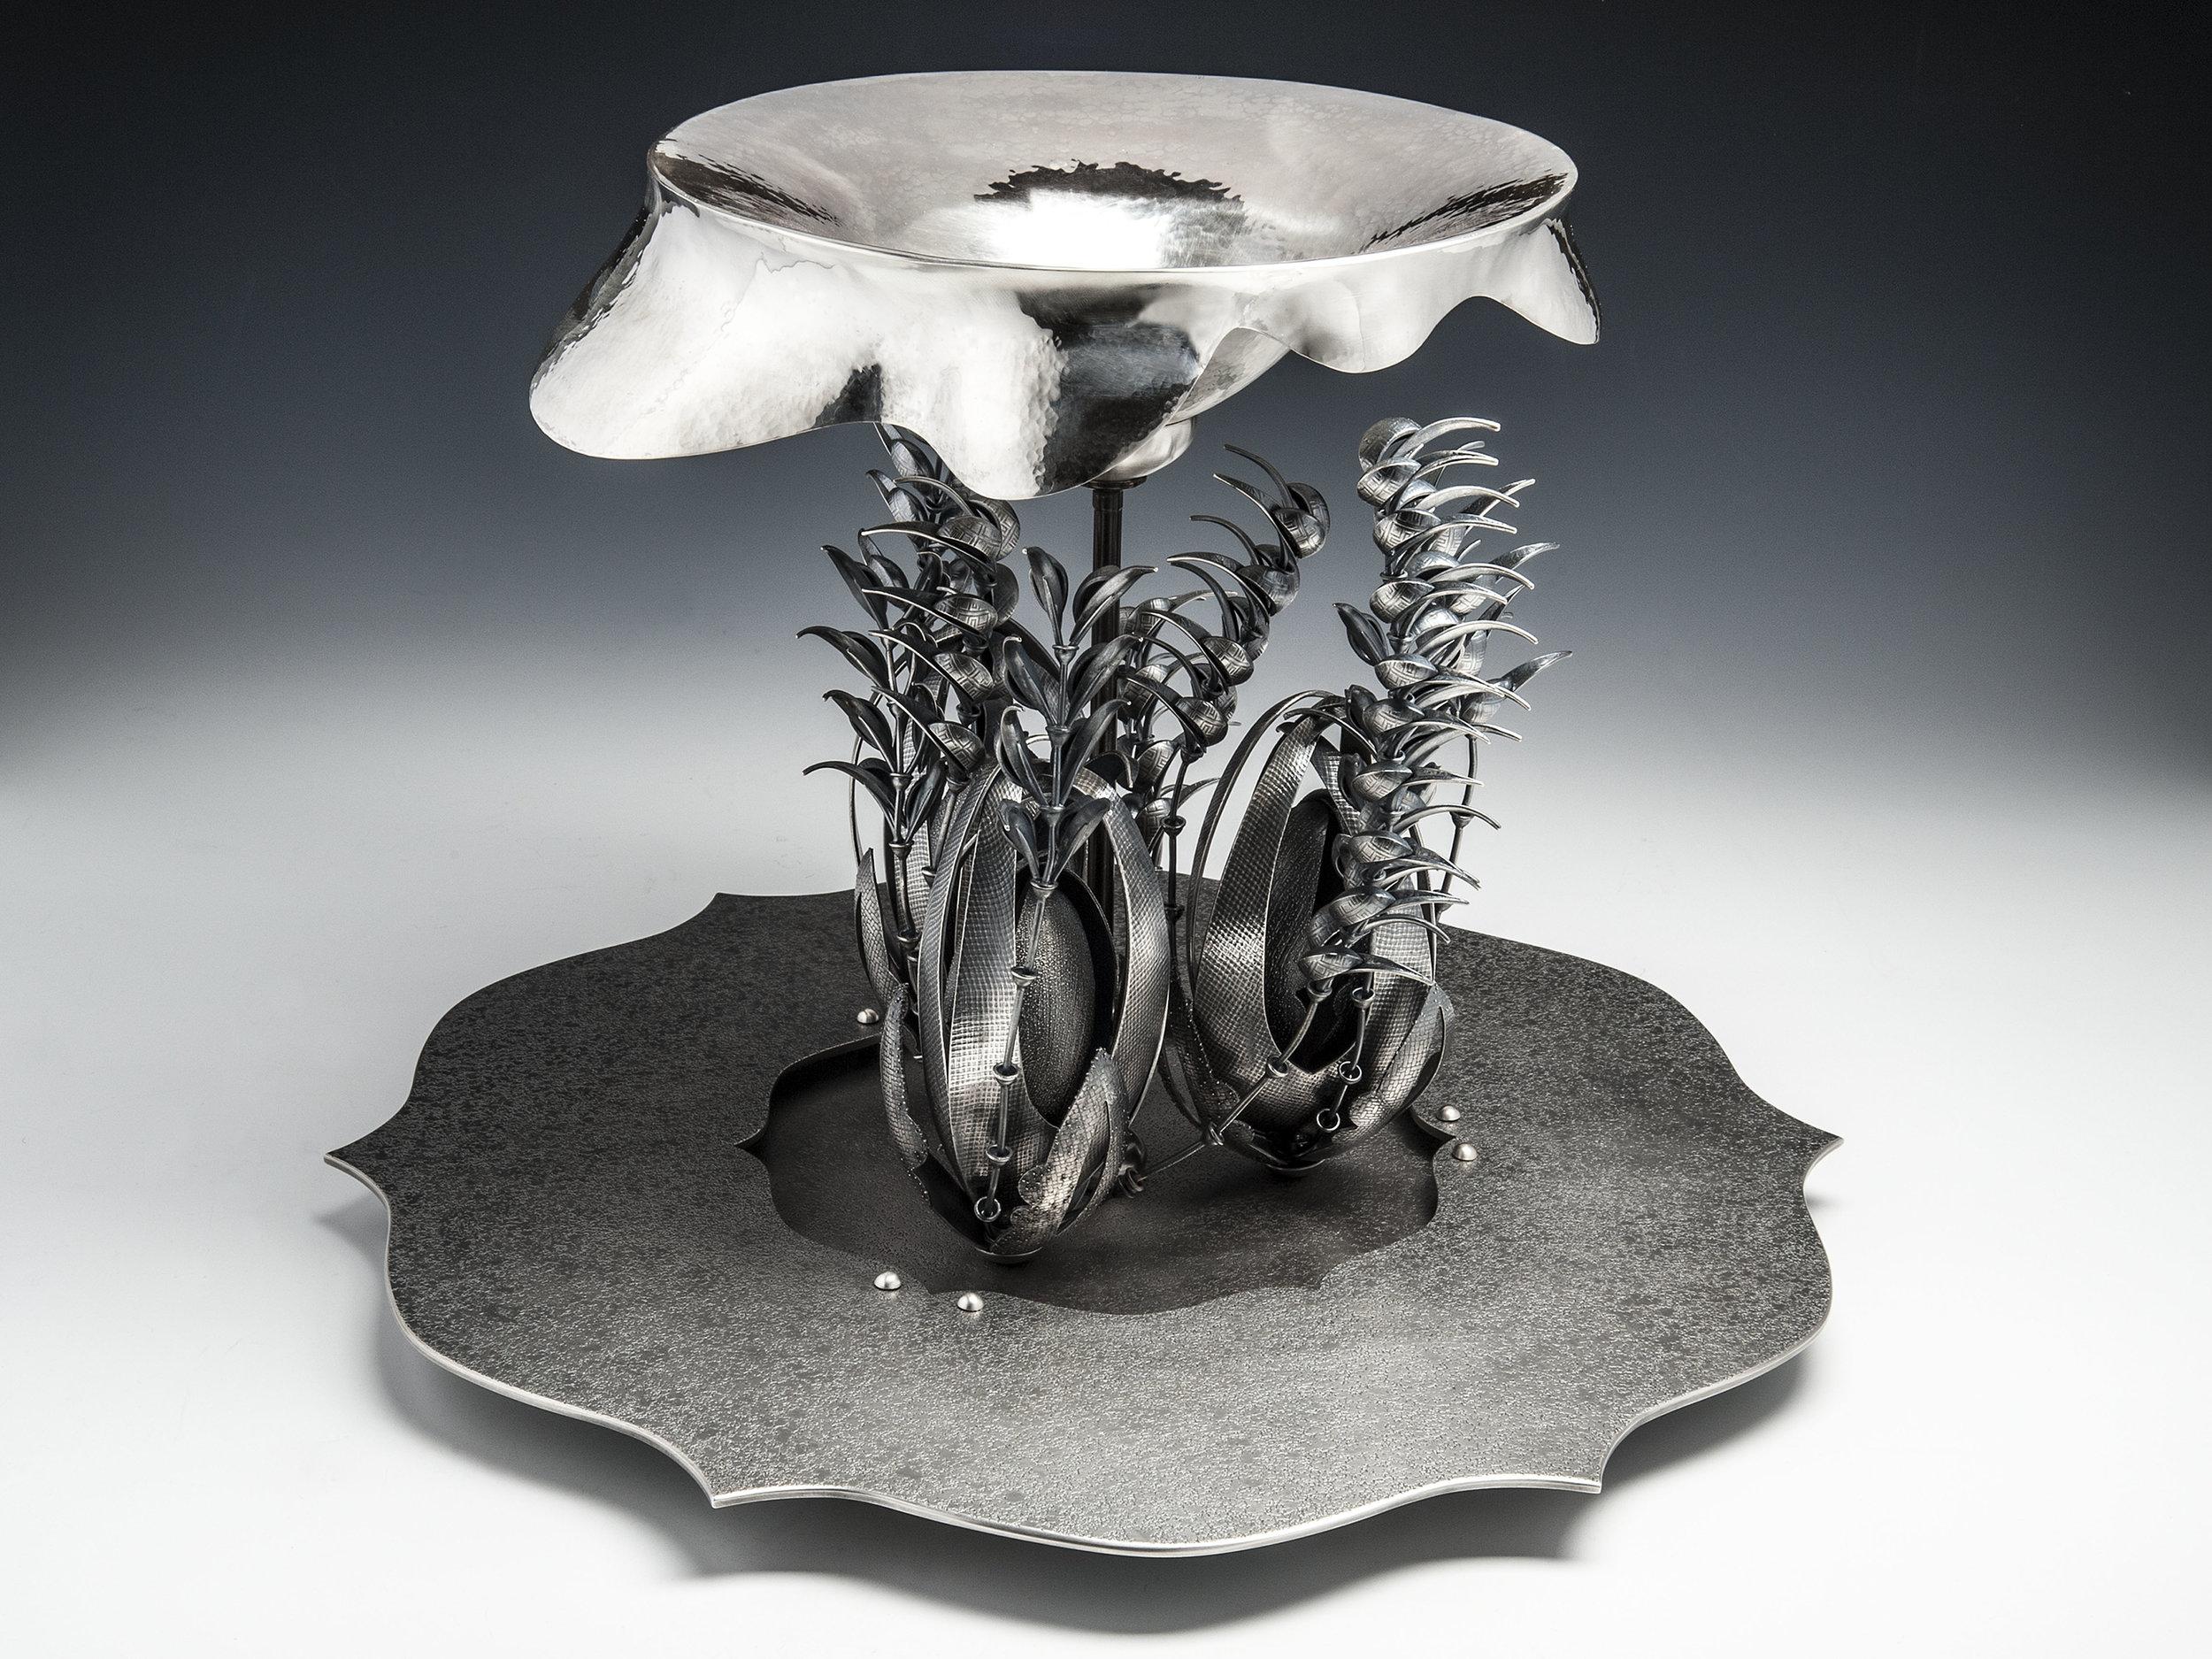 Copse  |  2015  |  958 silver, bronze, silver plate  |  13 x 18 x 18 inches